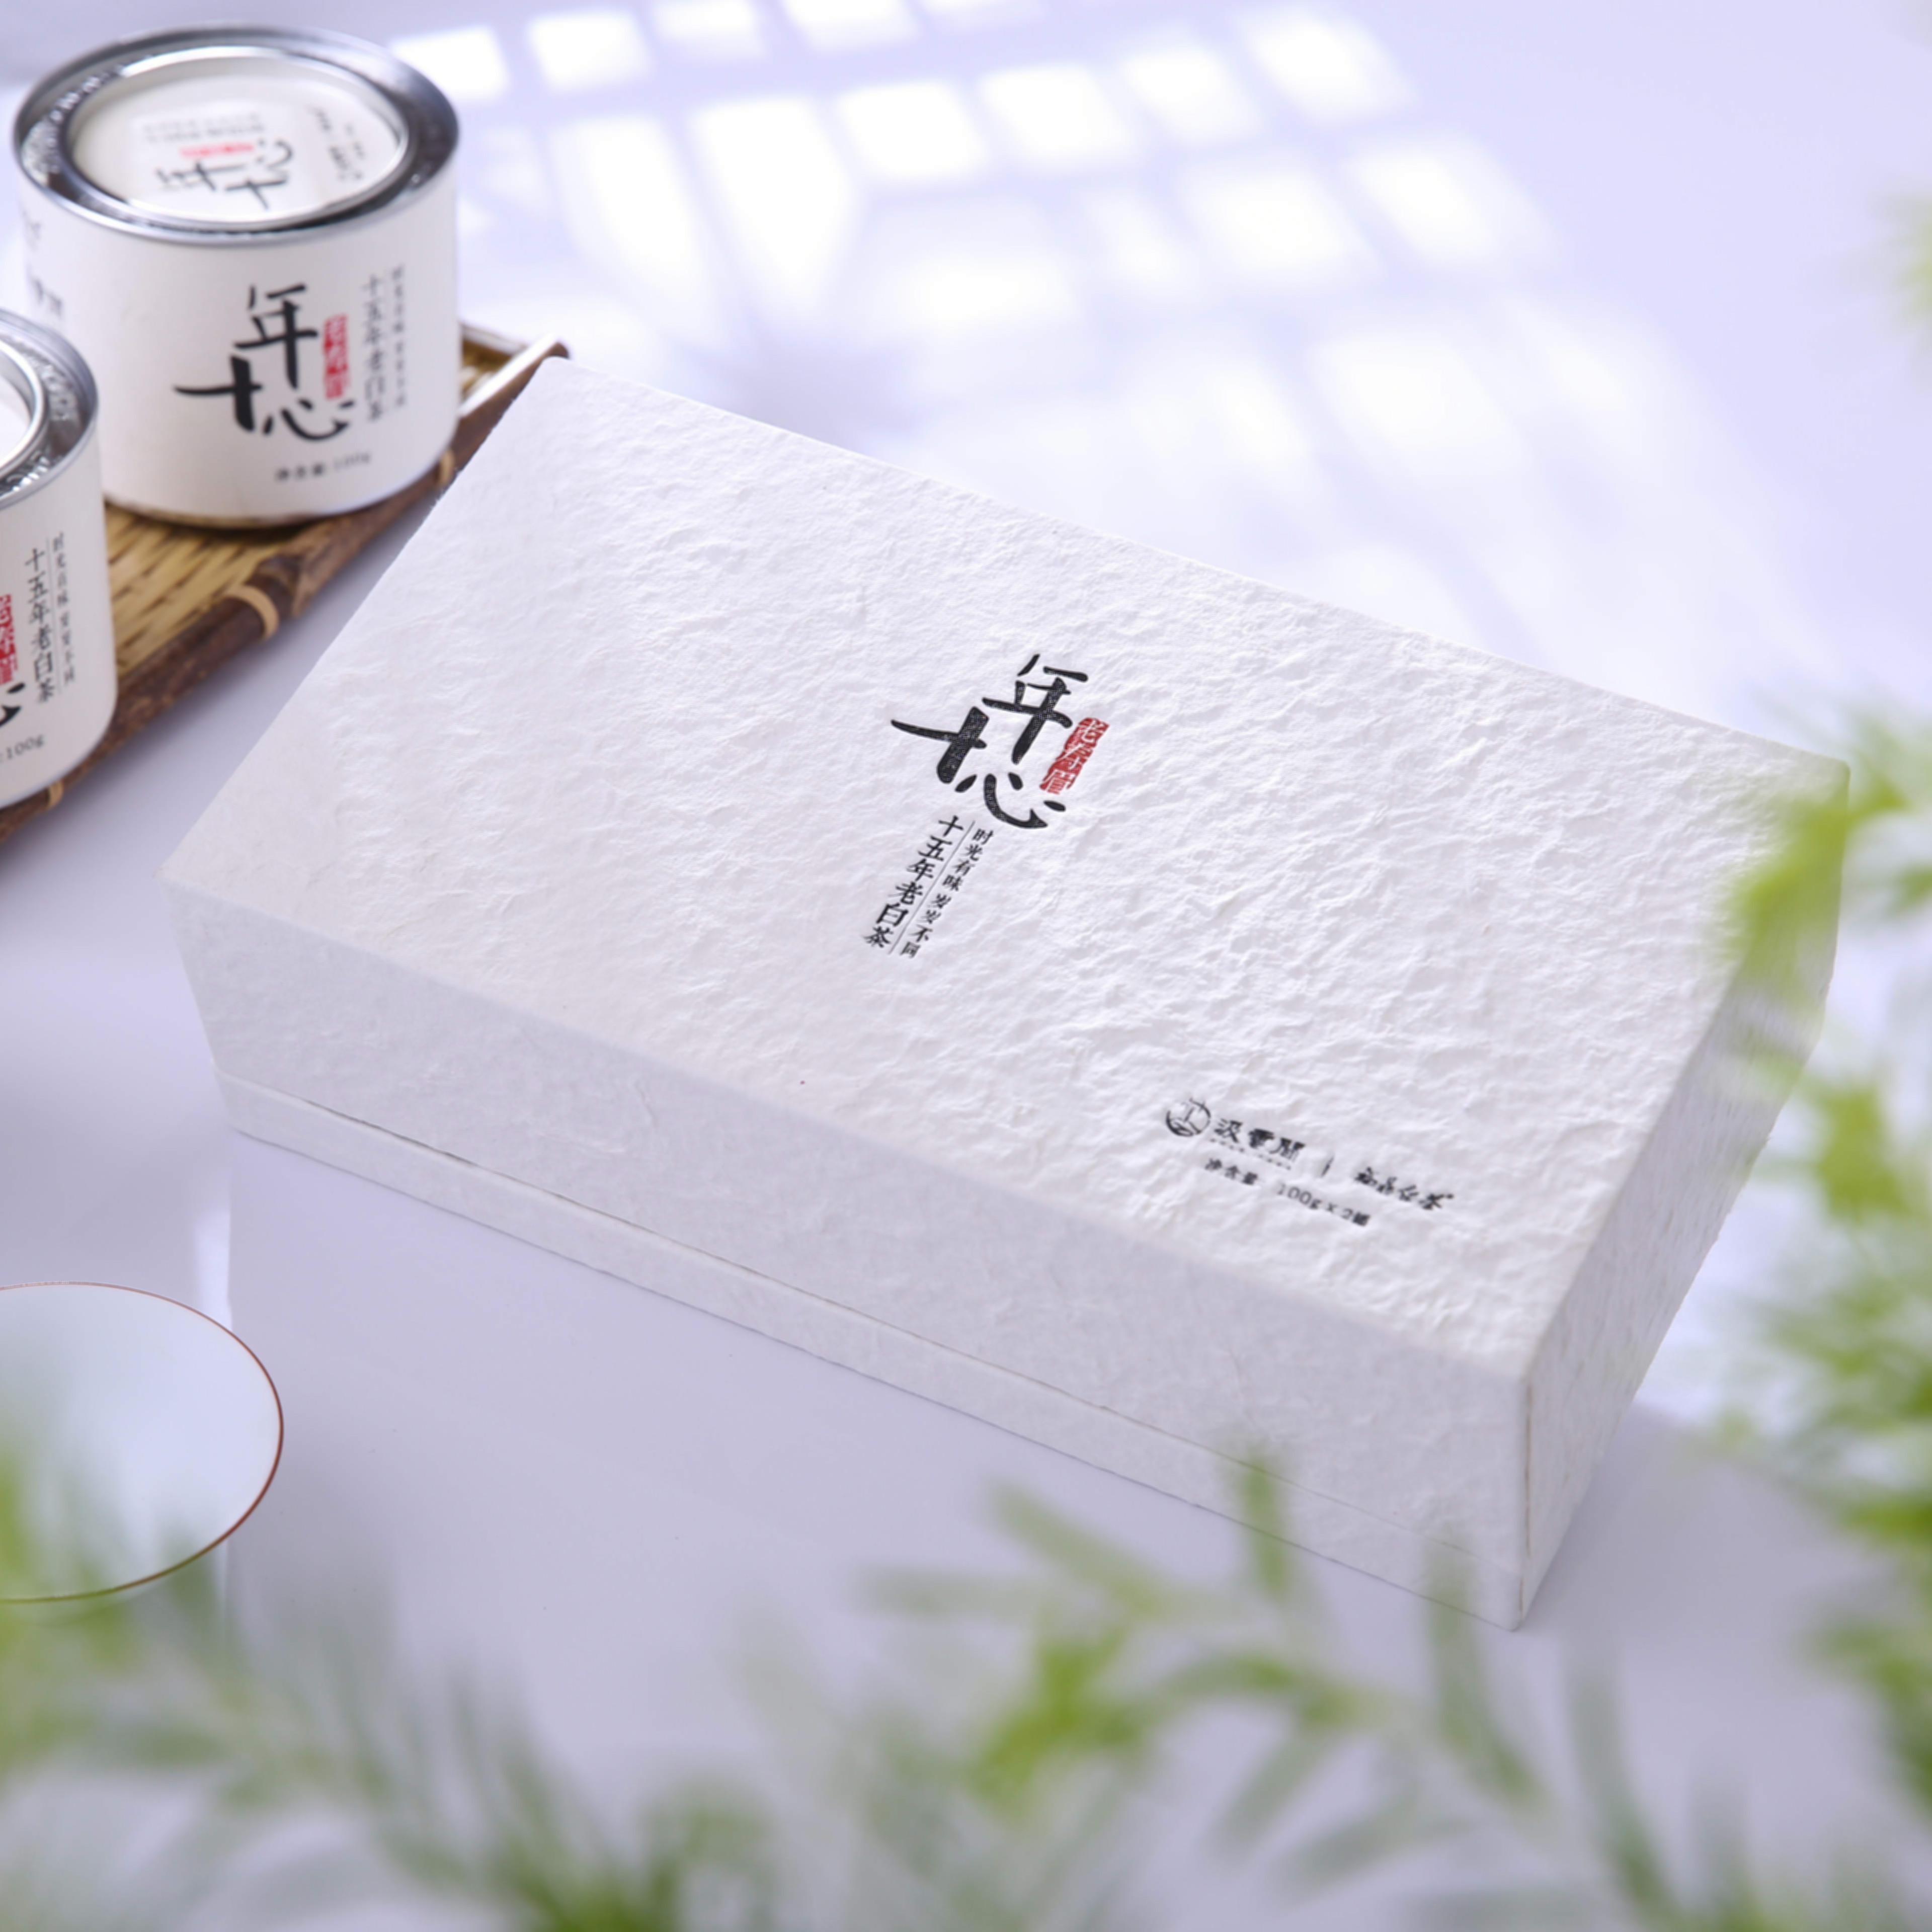 福鼎白茶2008年老白茶 宜煮老白茶 十年心礼盒装200g